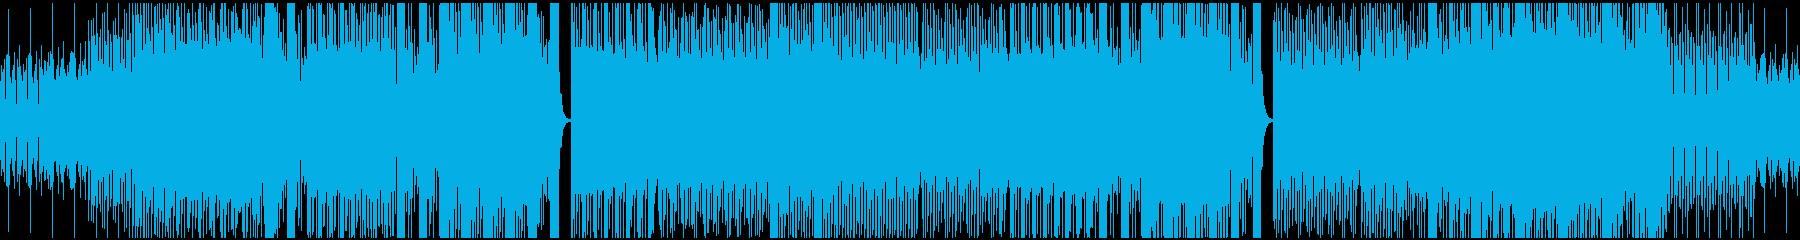 テクノ部族。シンセシーケンサー。の再生済みの波形